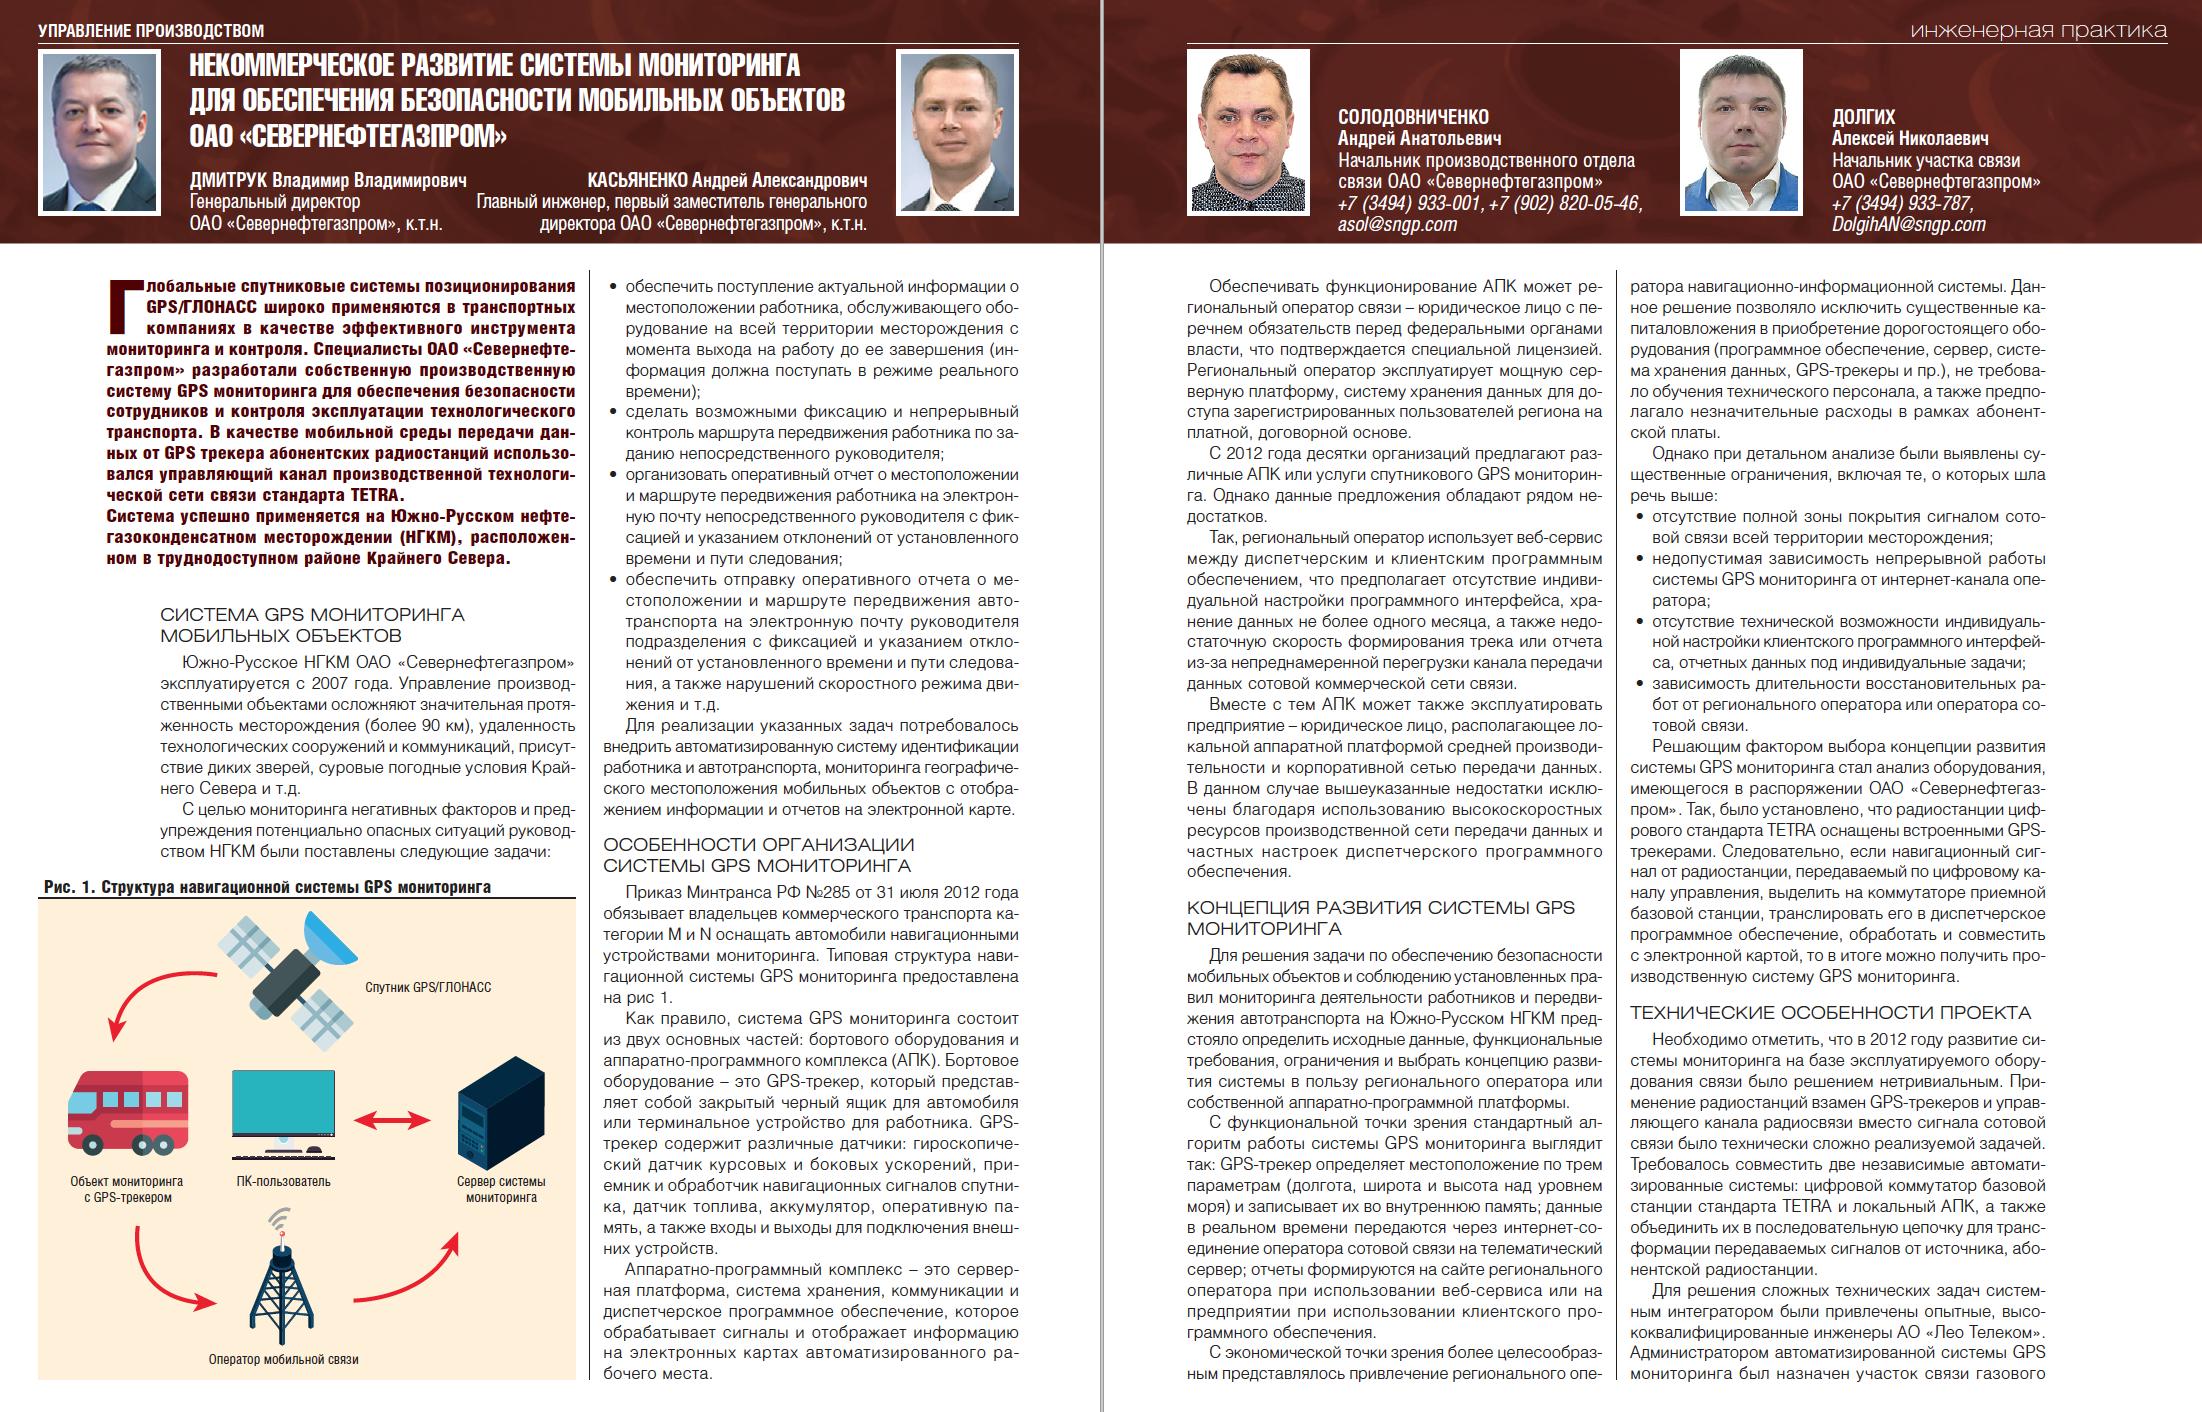 35532 Некоммерческое развитие системы мониторинга для обеспечения безопасности мобильных объектов ОАО «Севернефтегазпром»